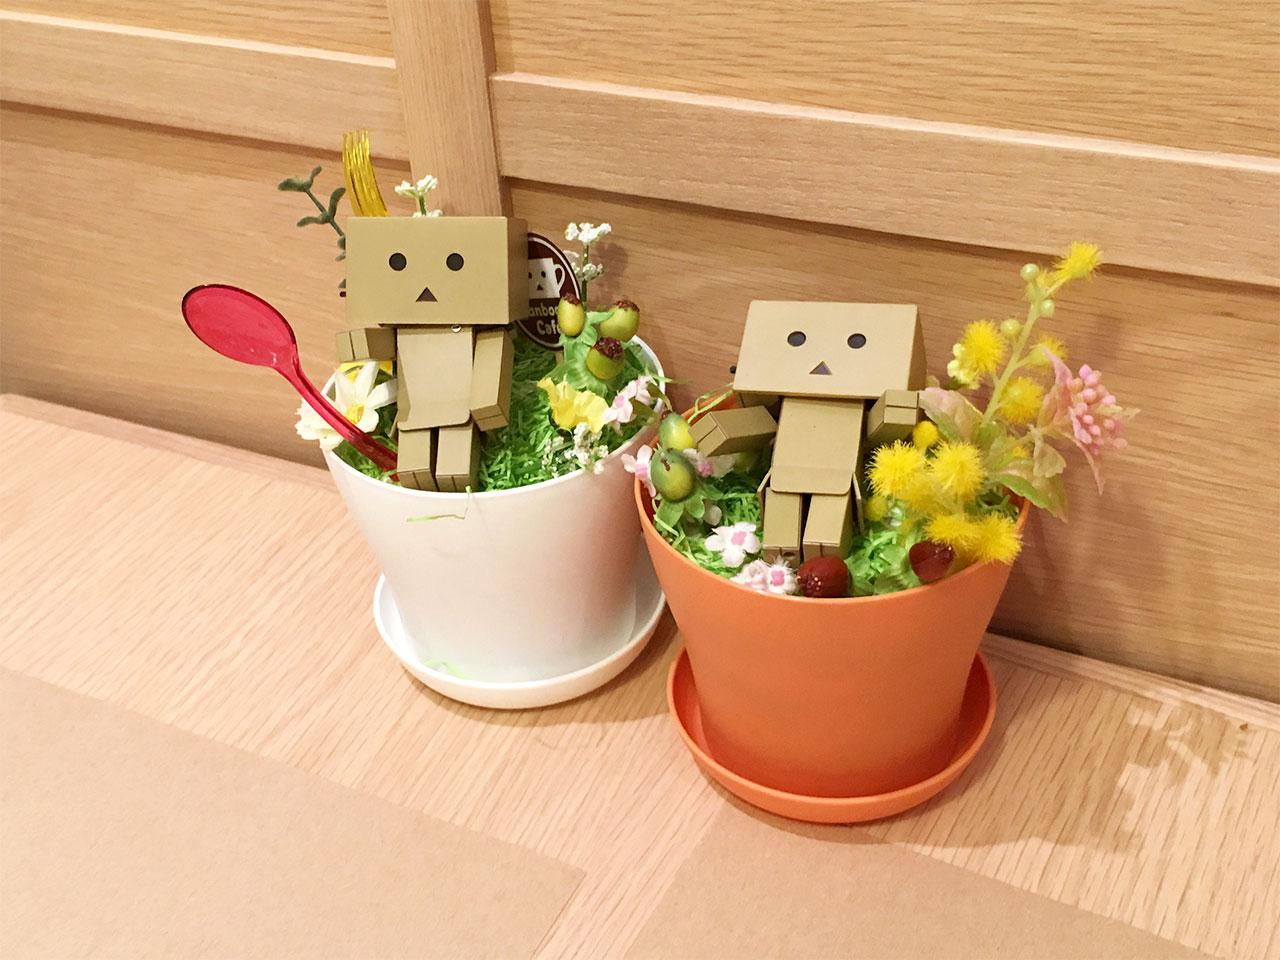 tachikawa-danboard-cafe-table02